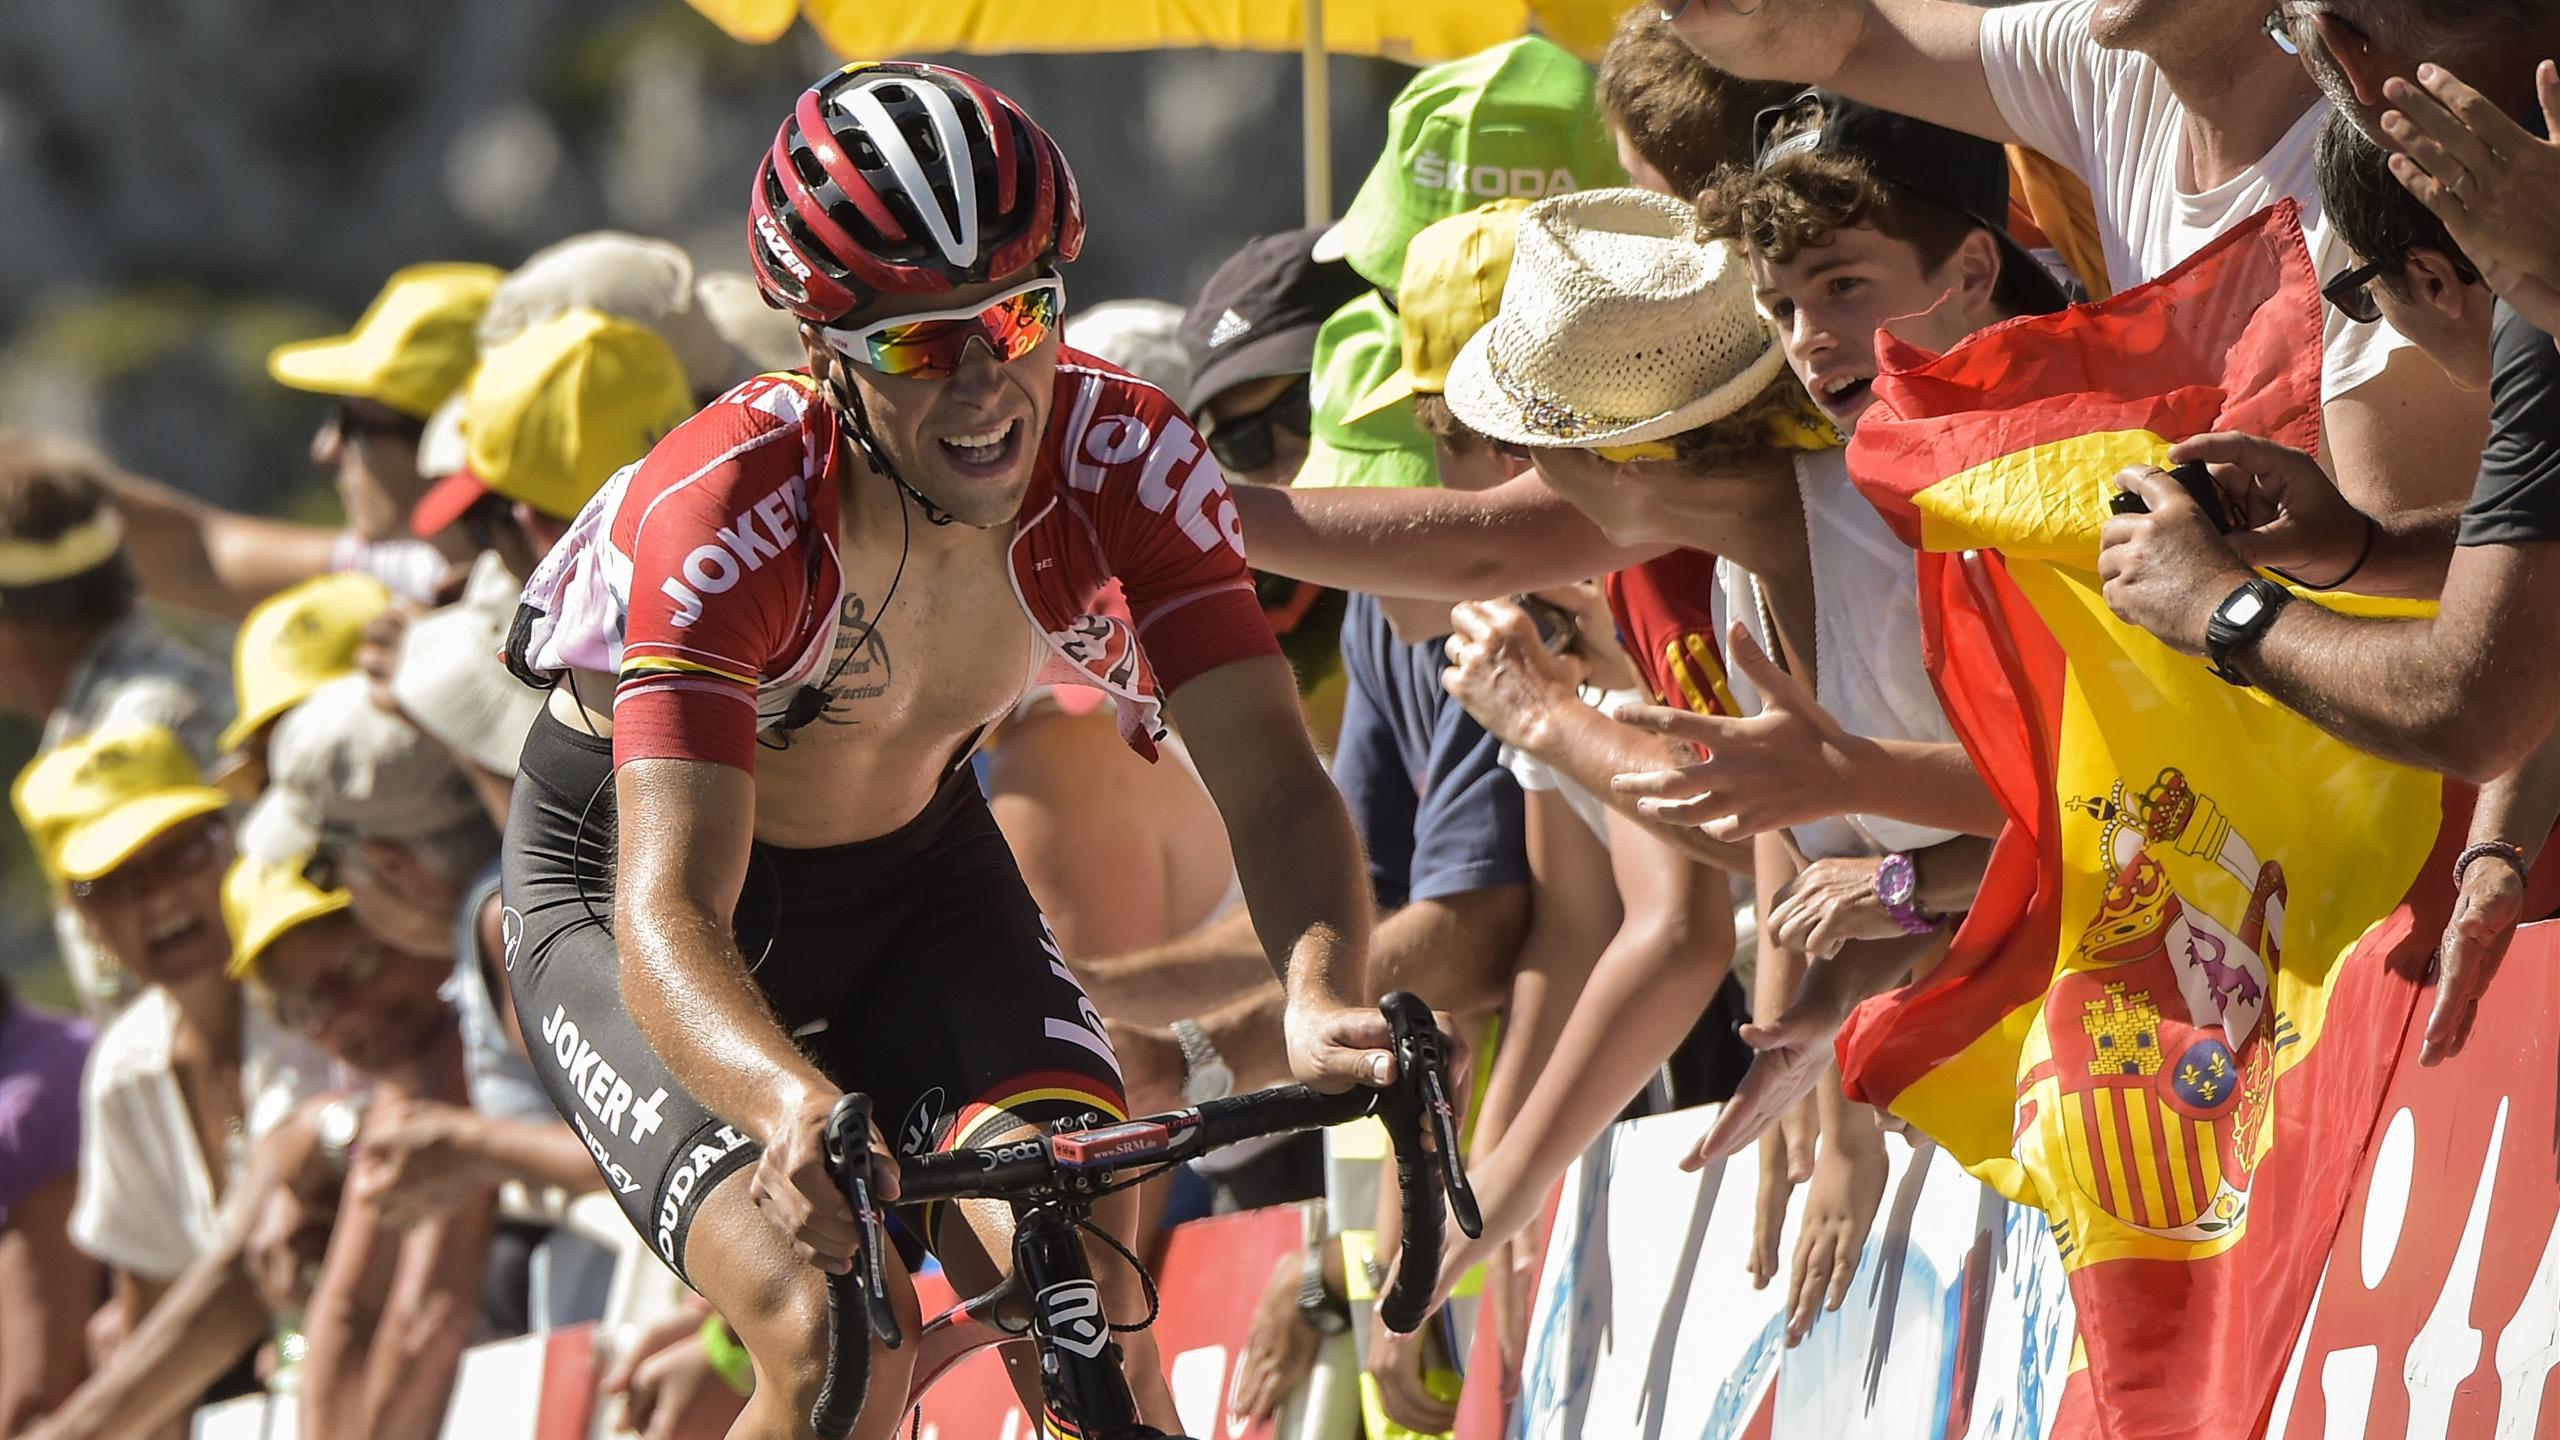 Tony Gallopin (Lotto-Soudal) s'arrache dans l'ascension vers la Pierre-Saint-Martin, arrivée de la 10e étape du Tour de France 2015